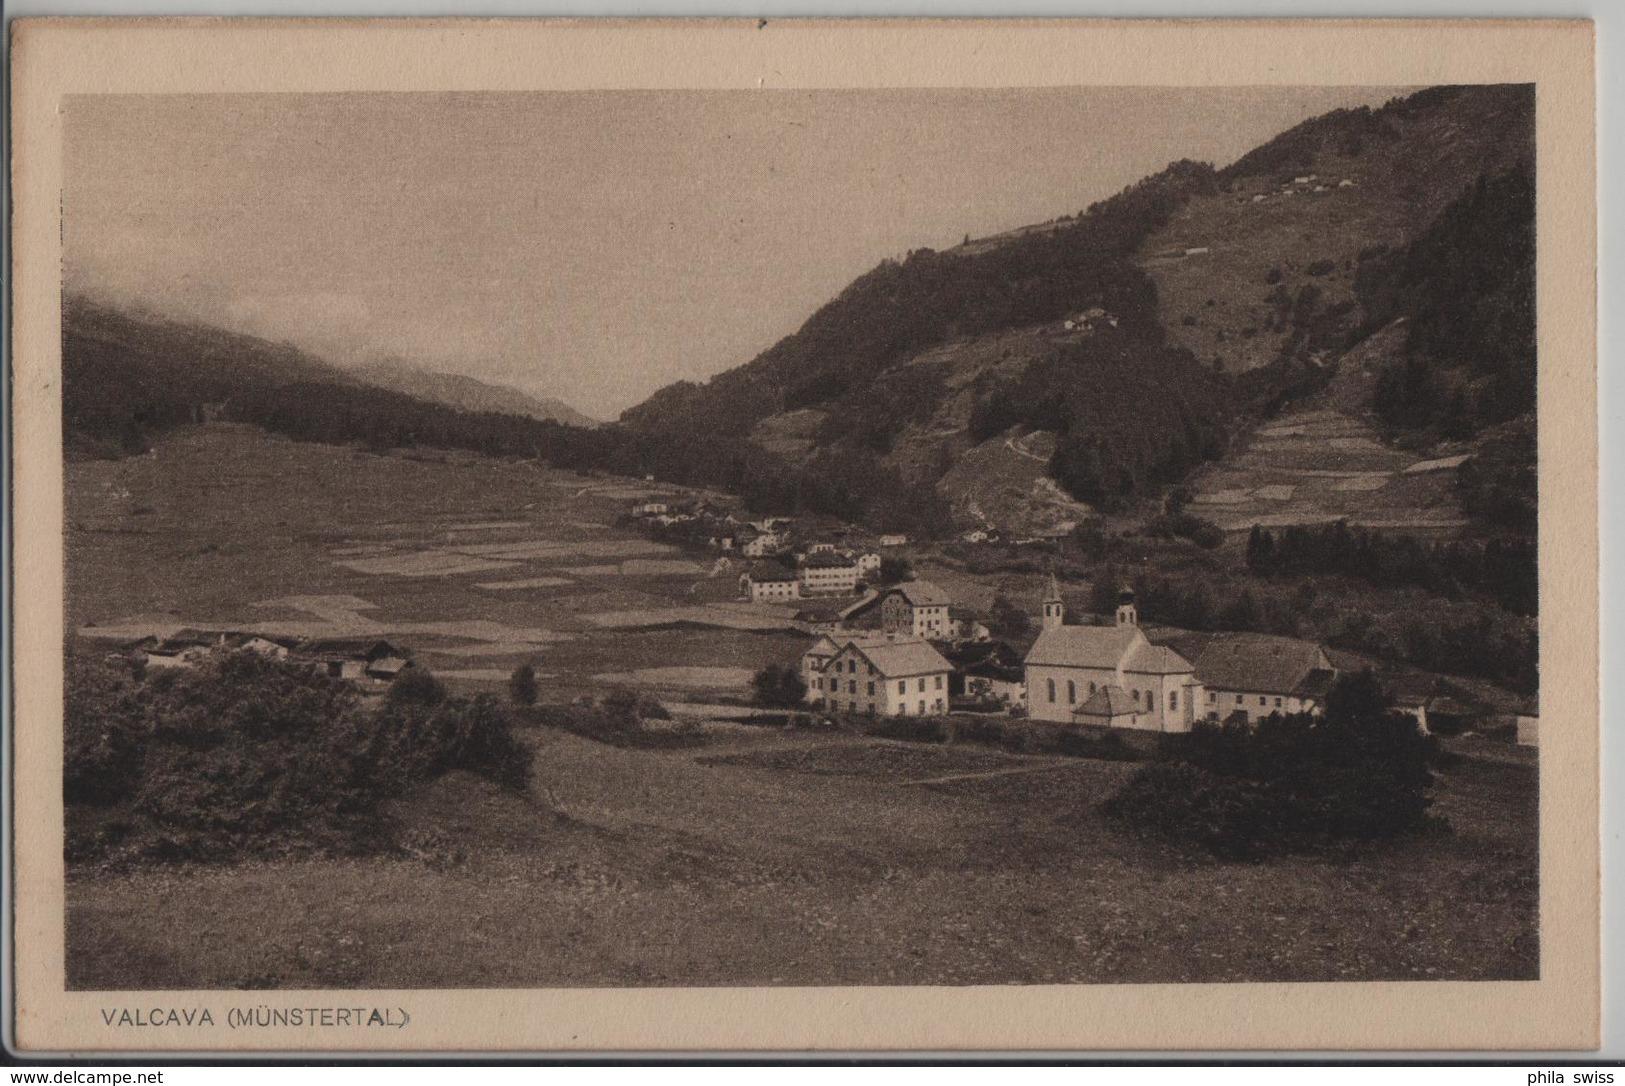 Valcava (Münstertal) - Photo: J. Feuerstein - GR Grisons